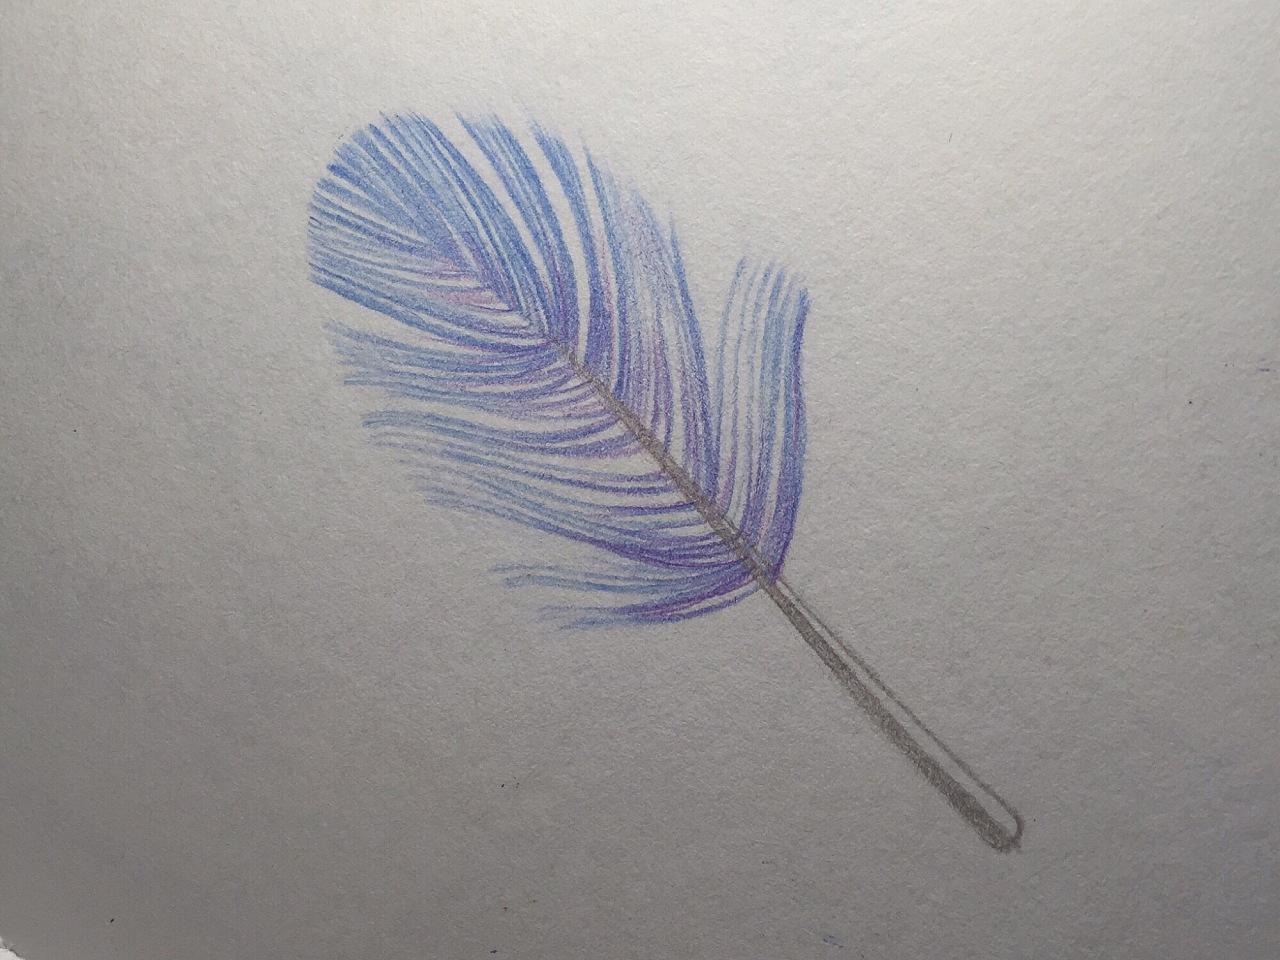 彩铅手绘|插画|插画习作|麻将樱桃帮 - 原创作品